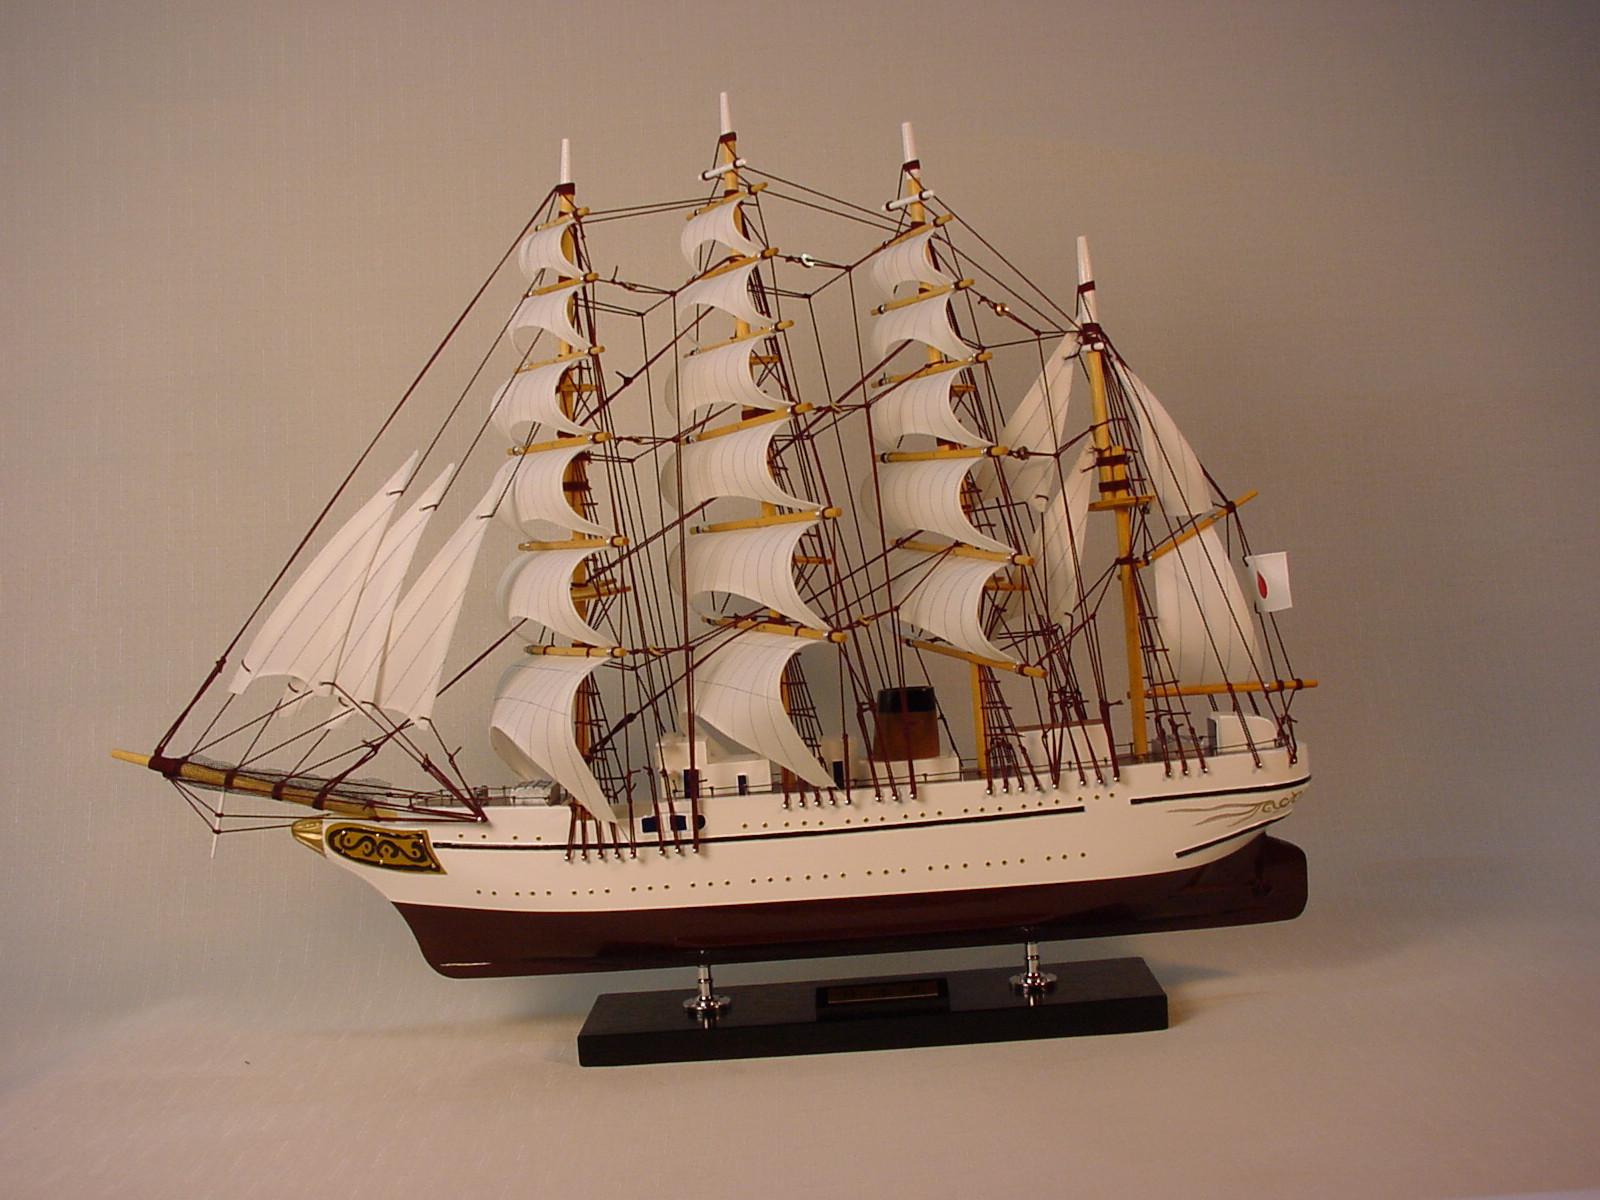 帆船模型 モデルシップ (完成品) No 131 日本丸 新築祝 開業祝 お祝い 門出【楽ギフ_のし】【楽ギフ_メッセ入力】